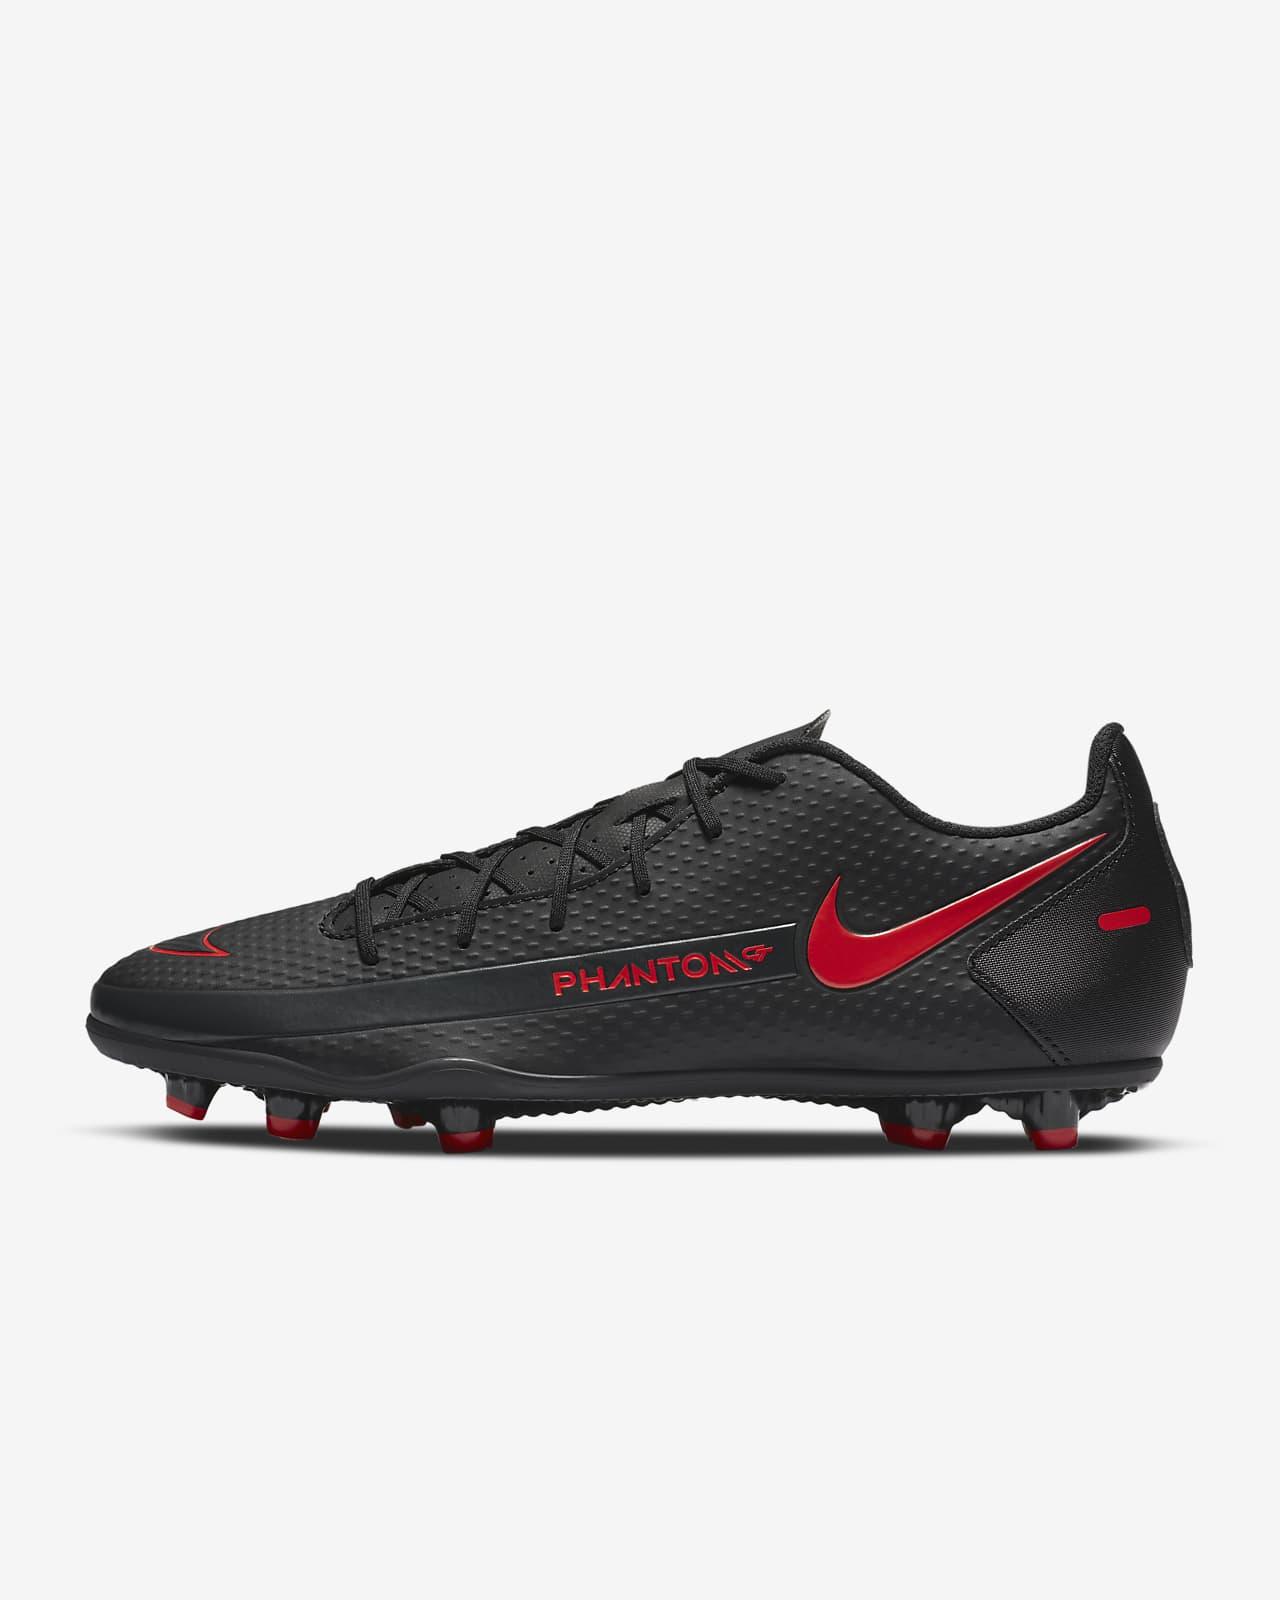 Ποδοσφαιρικό παπούτσι για διαφορετικές επιφάνειες Nike Phantom GT Club MG